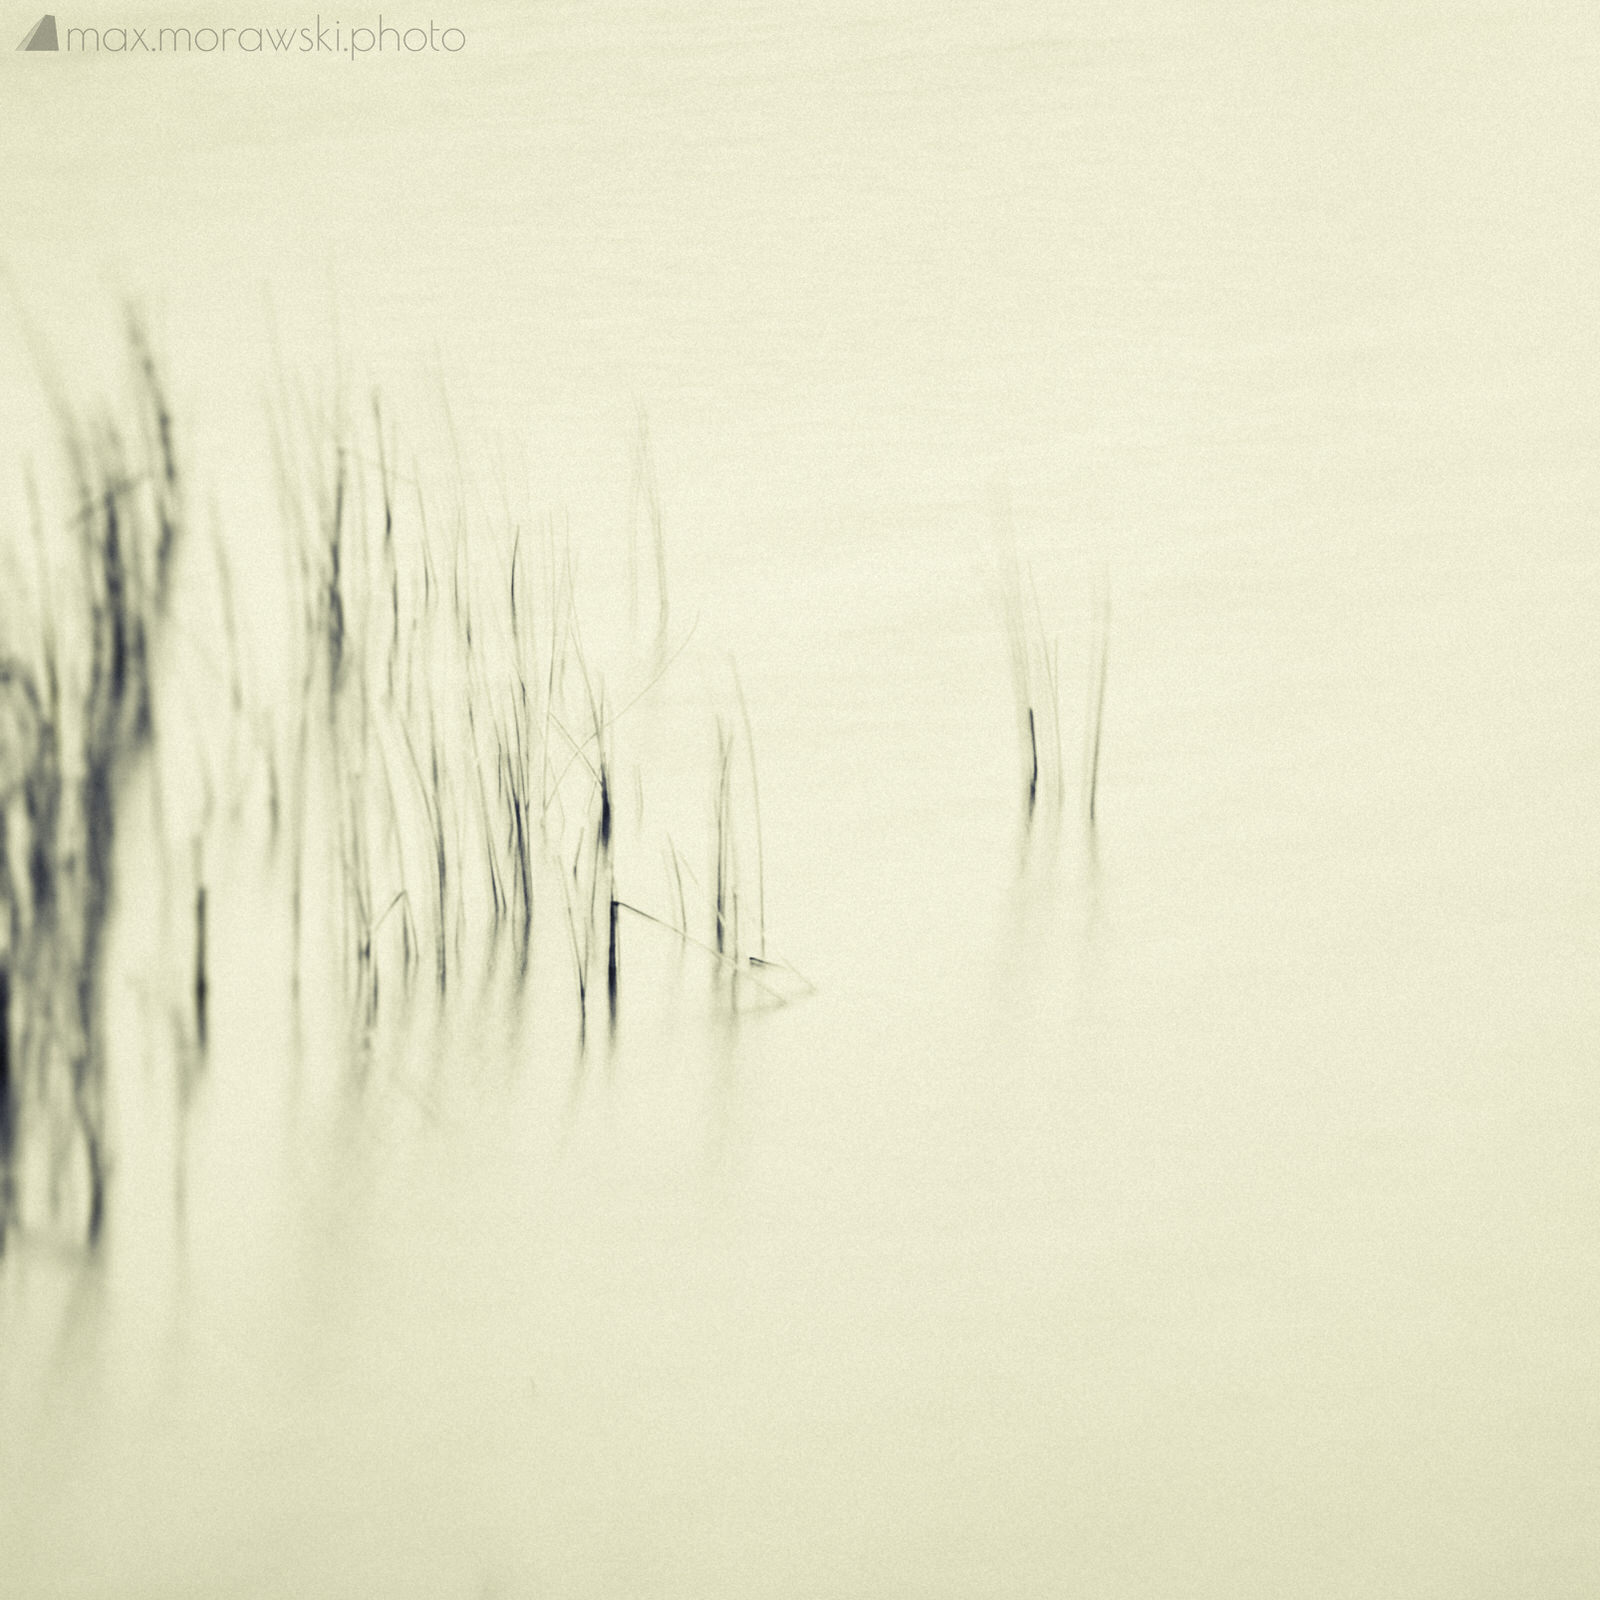 Lake Stone Reeds #6